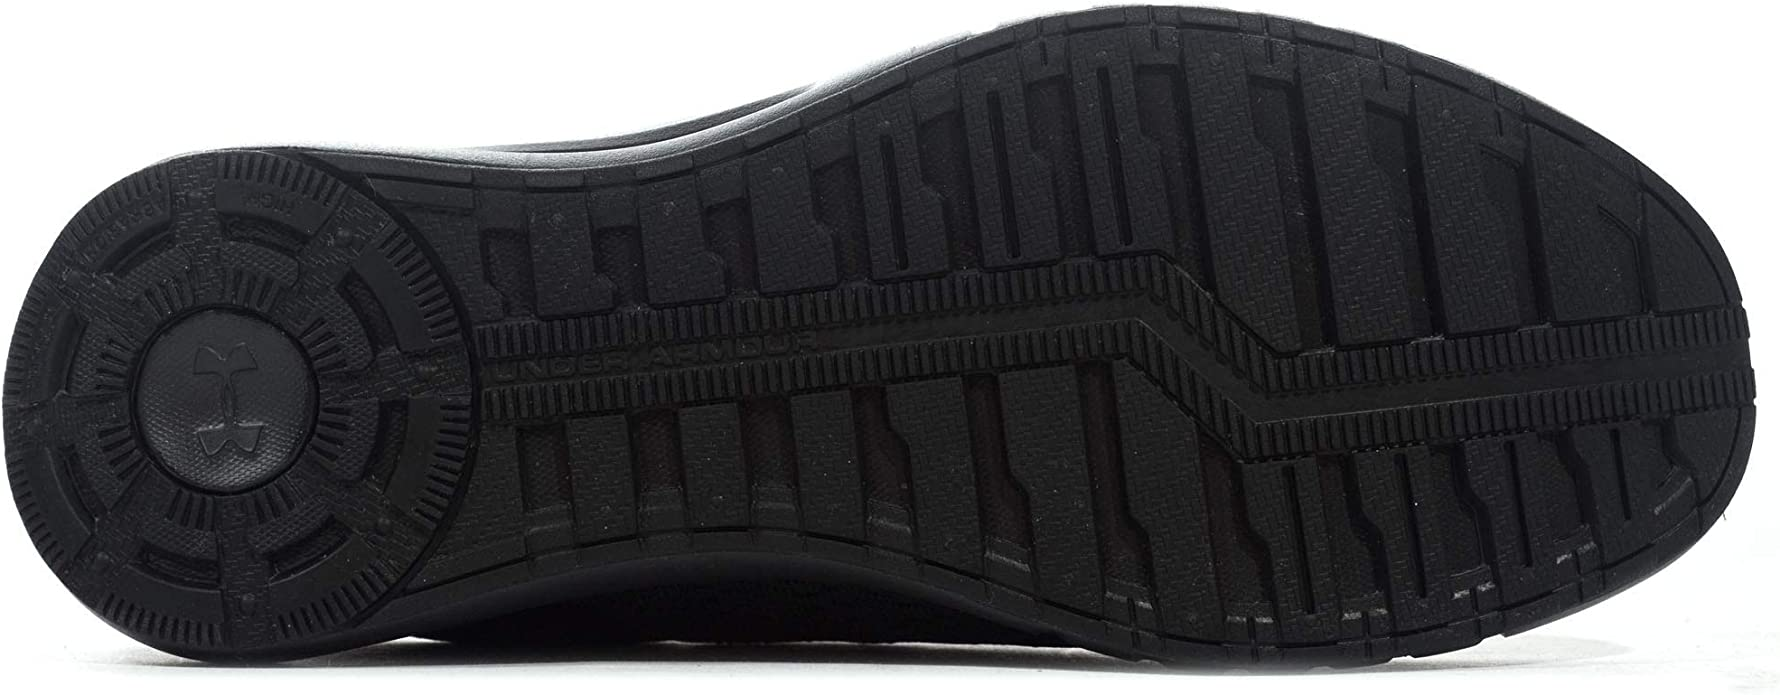 Under Armour Herren Micro G Pursuit Laufschuhe, flexible und gepolsterte Sportschuhe für schnelle Läufe, atmungsaktive Joggingschuhe